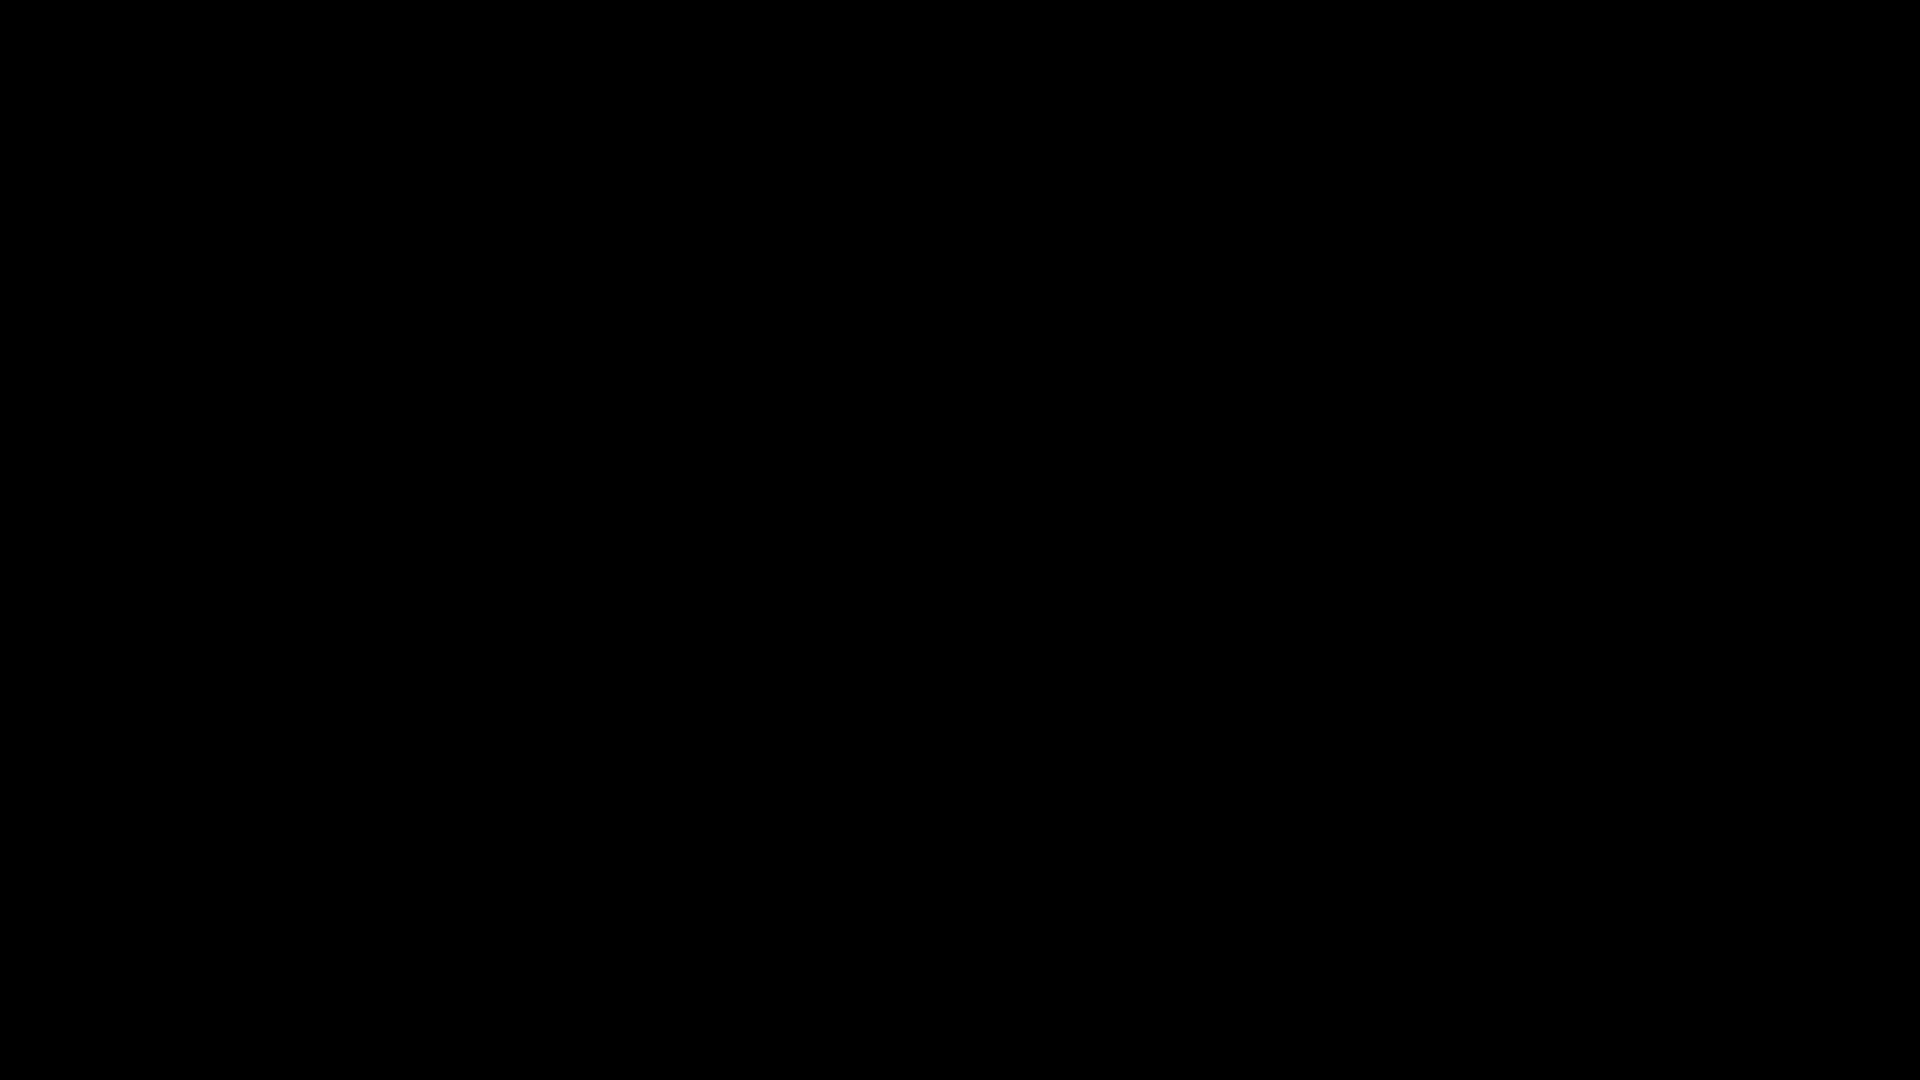 ▲2017_26位▲ うんこをたくさん集めました。トイレの神様 Vol.12 トイレ  93pic 71